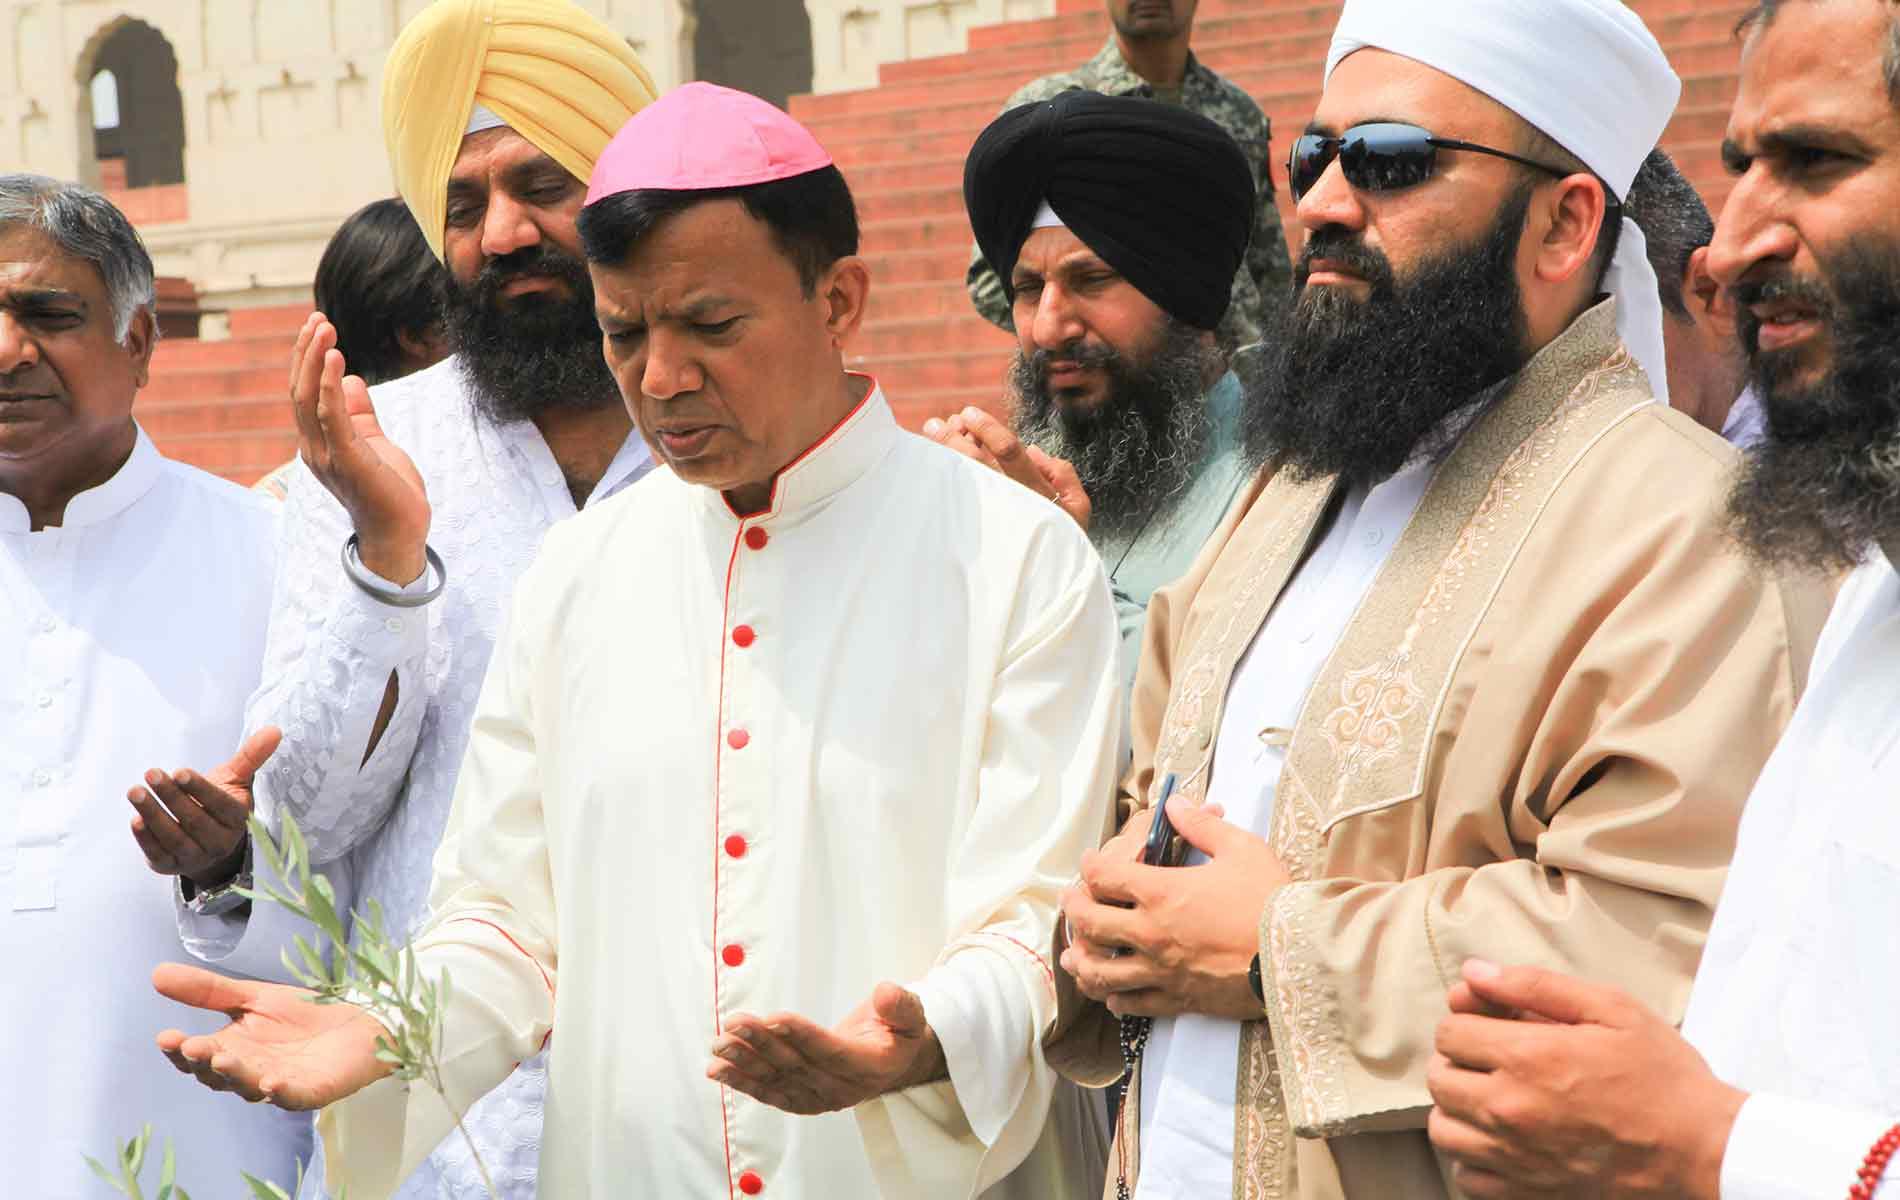 Bispo do Paquistão pede orações após ataque contra cristãos